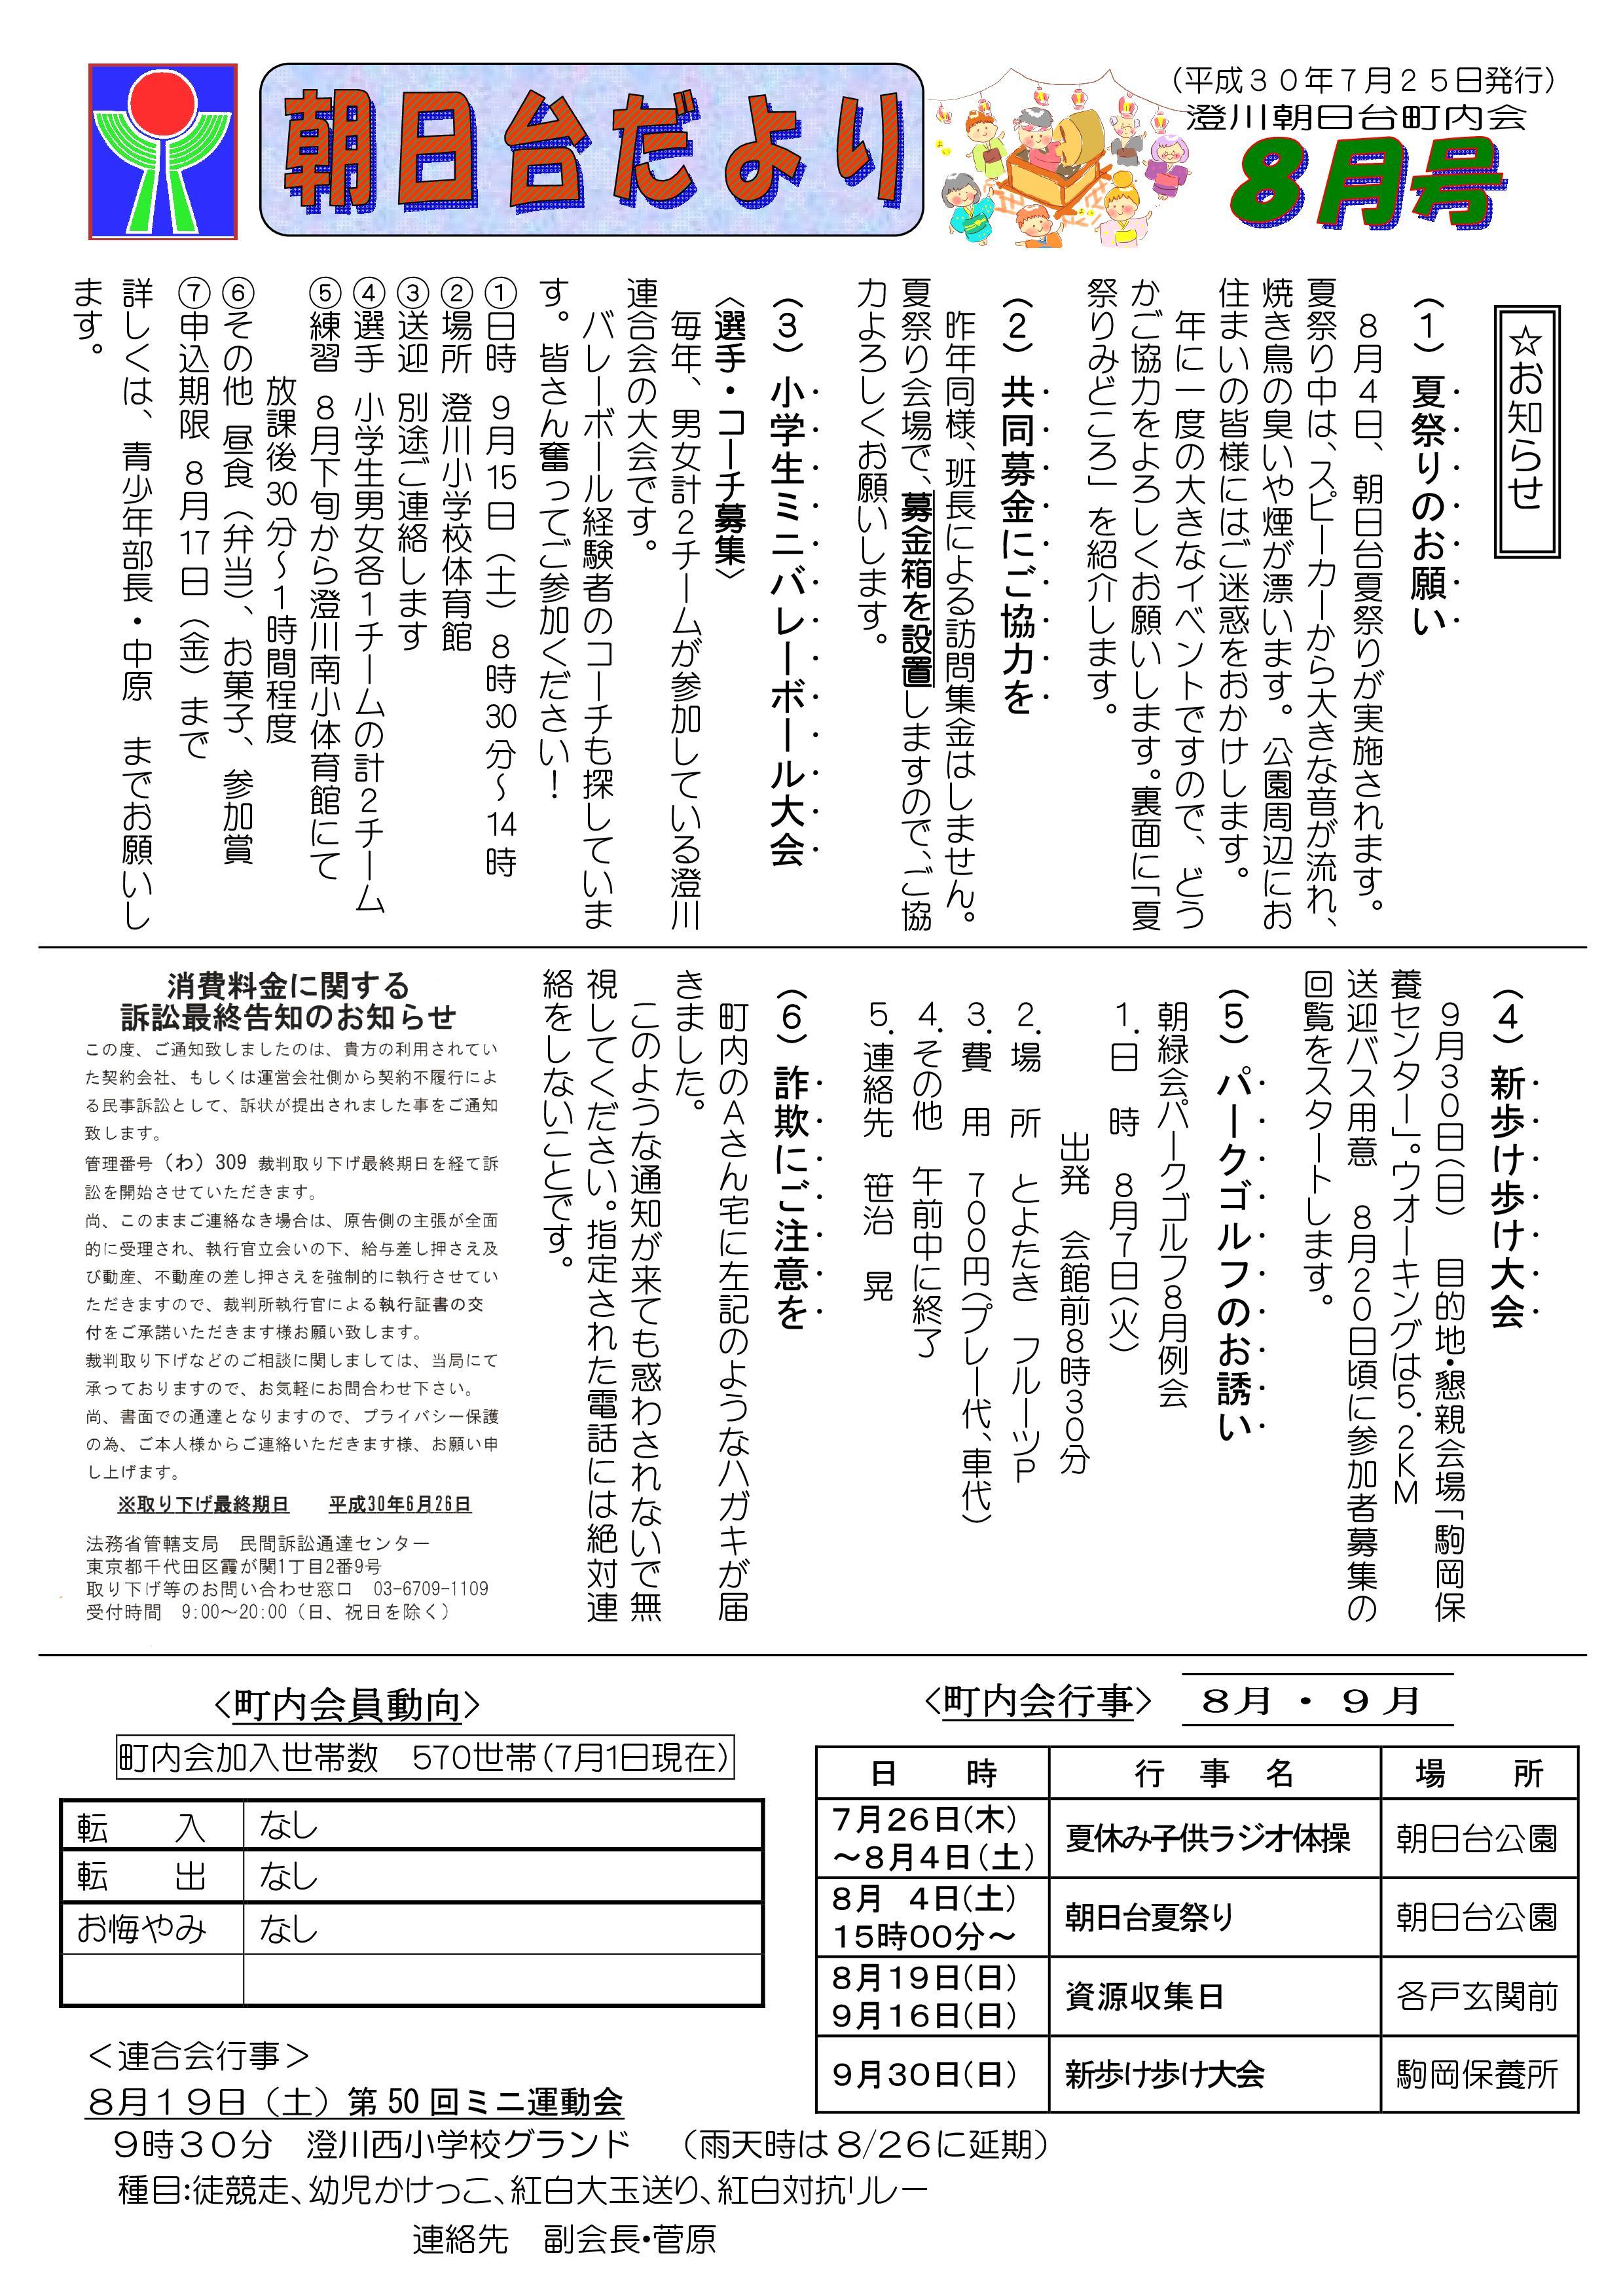 http://sumikawa.info/asahidai/30-8%E6%9C%88%E5%8F%B71.jpg